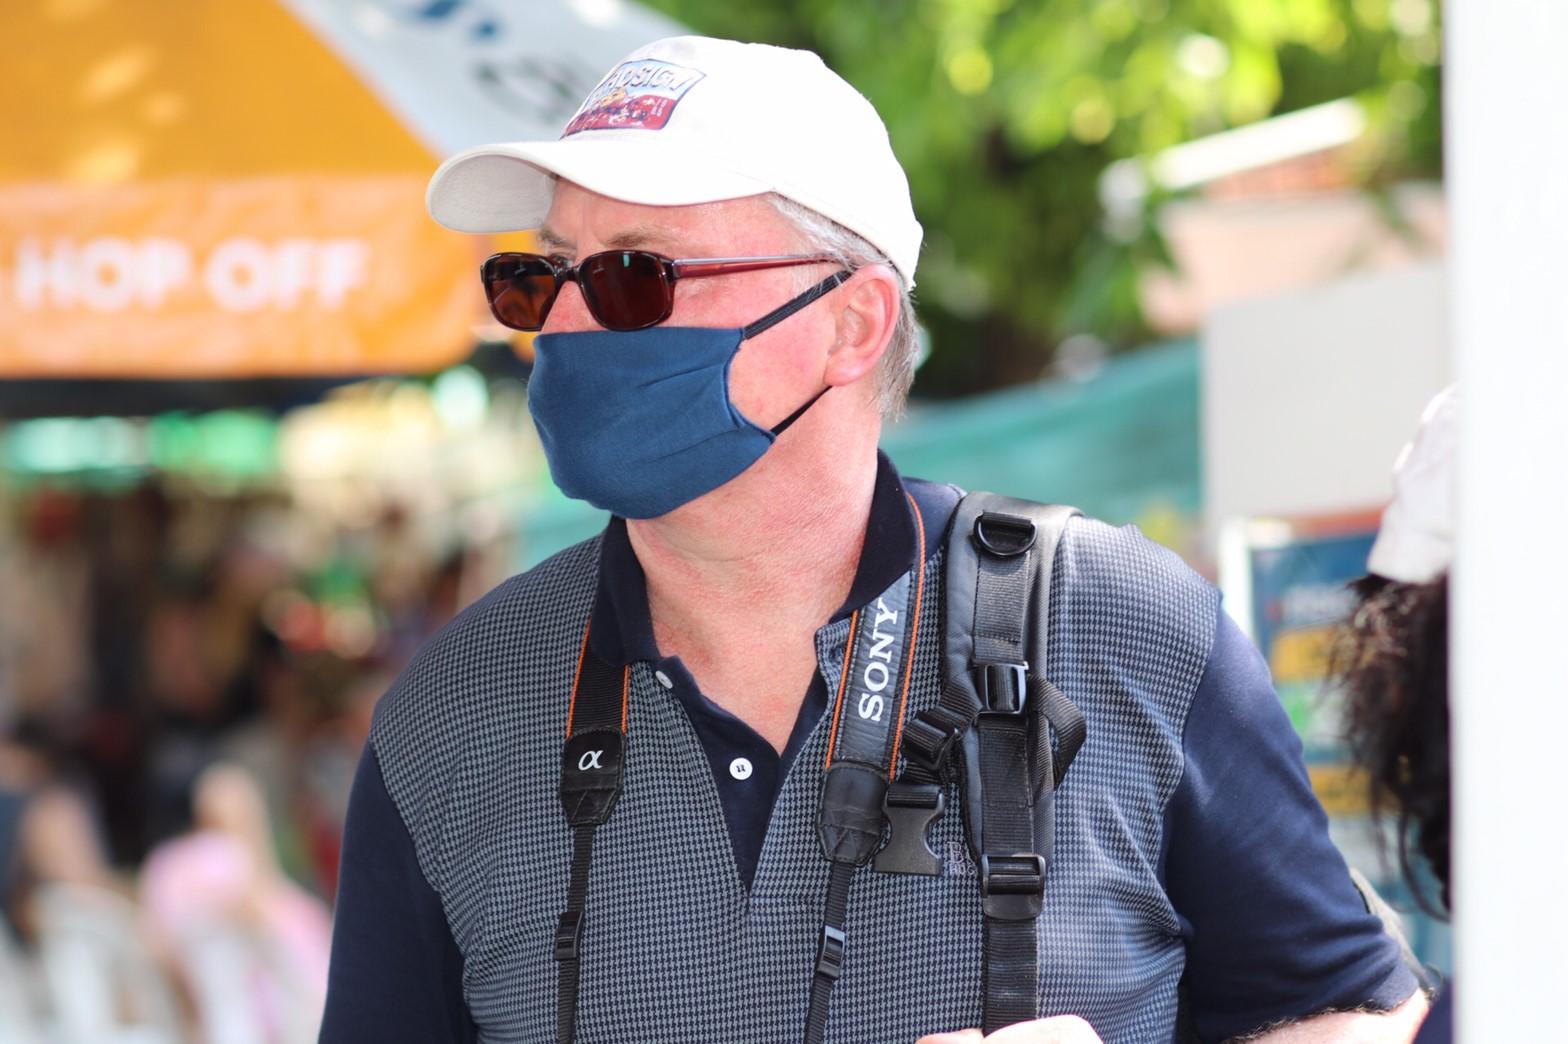 นักท่องเที่ยวสวมหน้ากากอนามัย